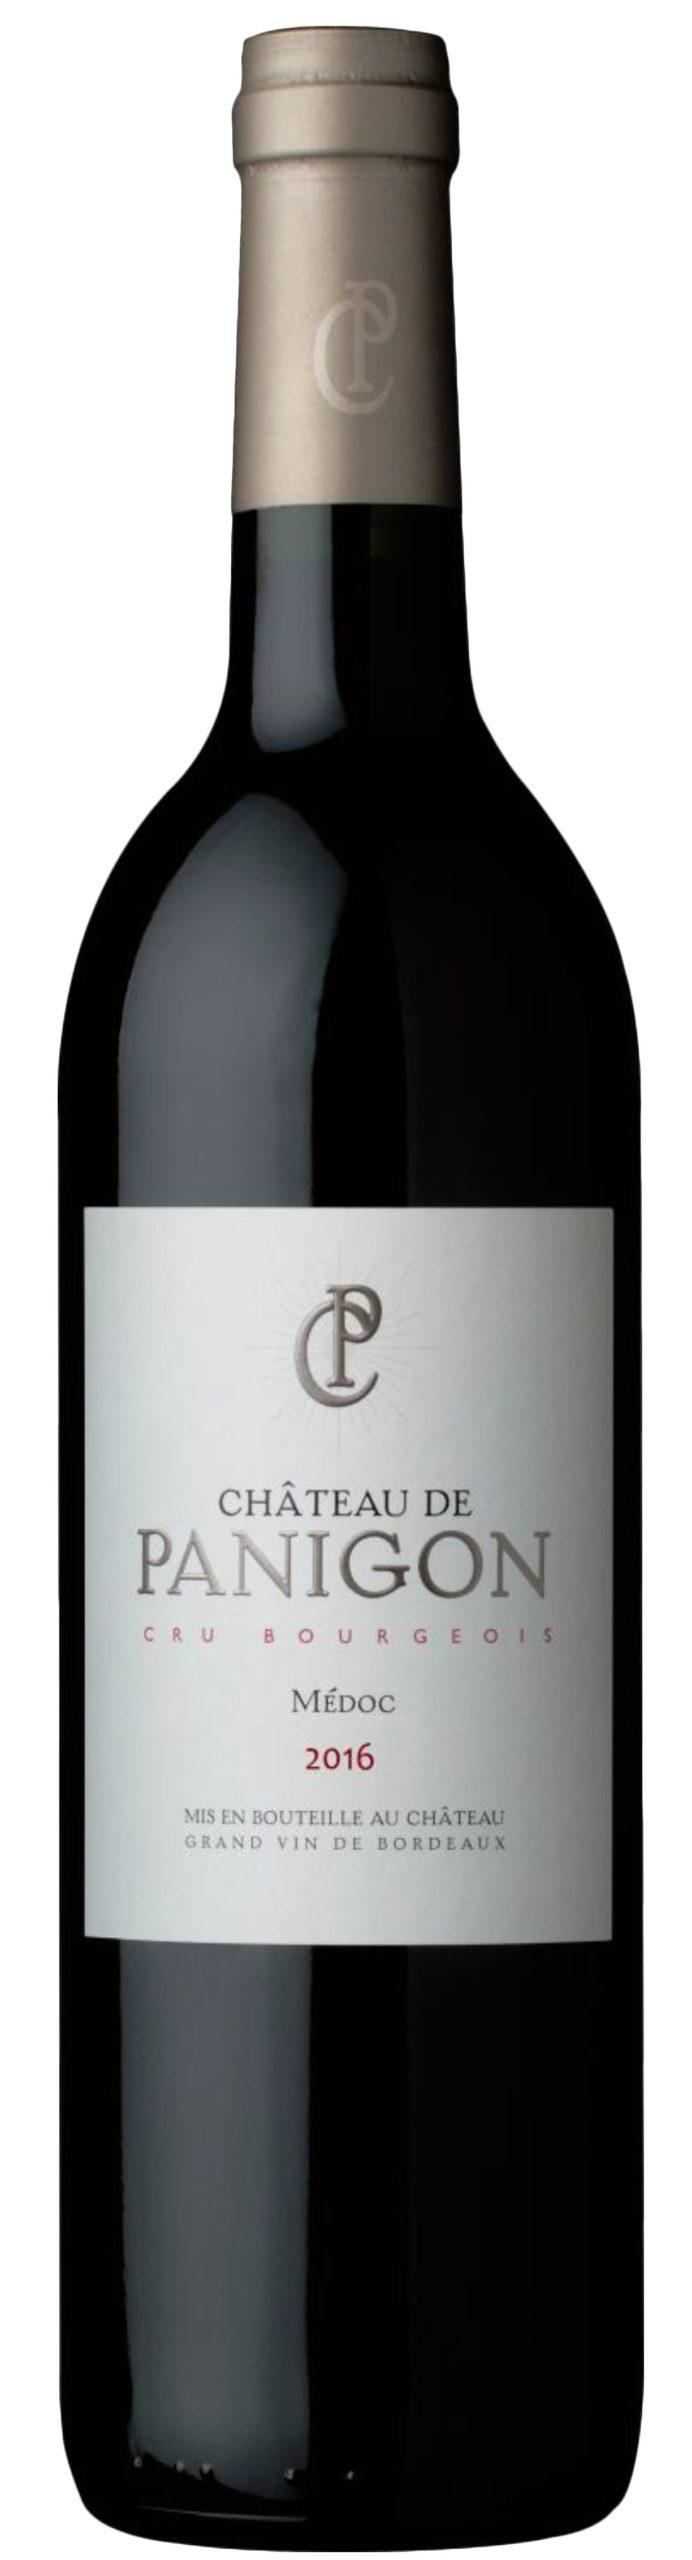 Chateau de Panigon 2016